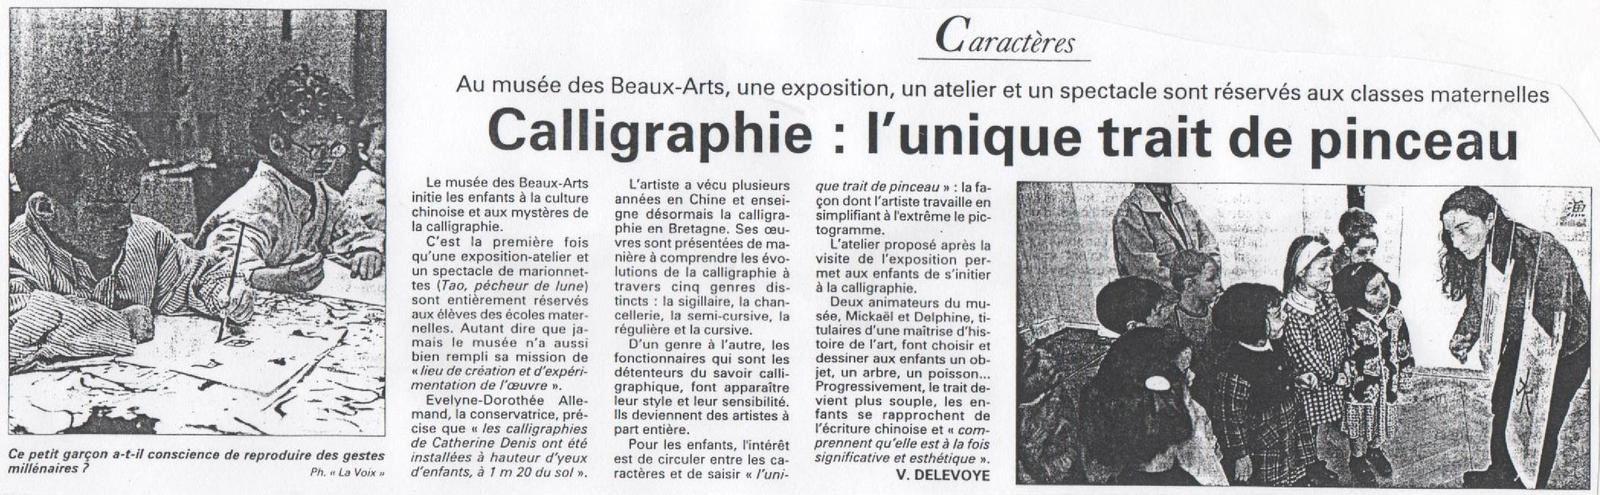 La Voix du Nord - 16 mars 1999.